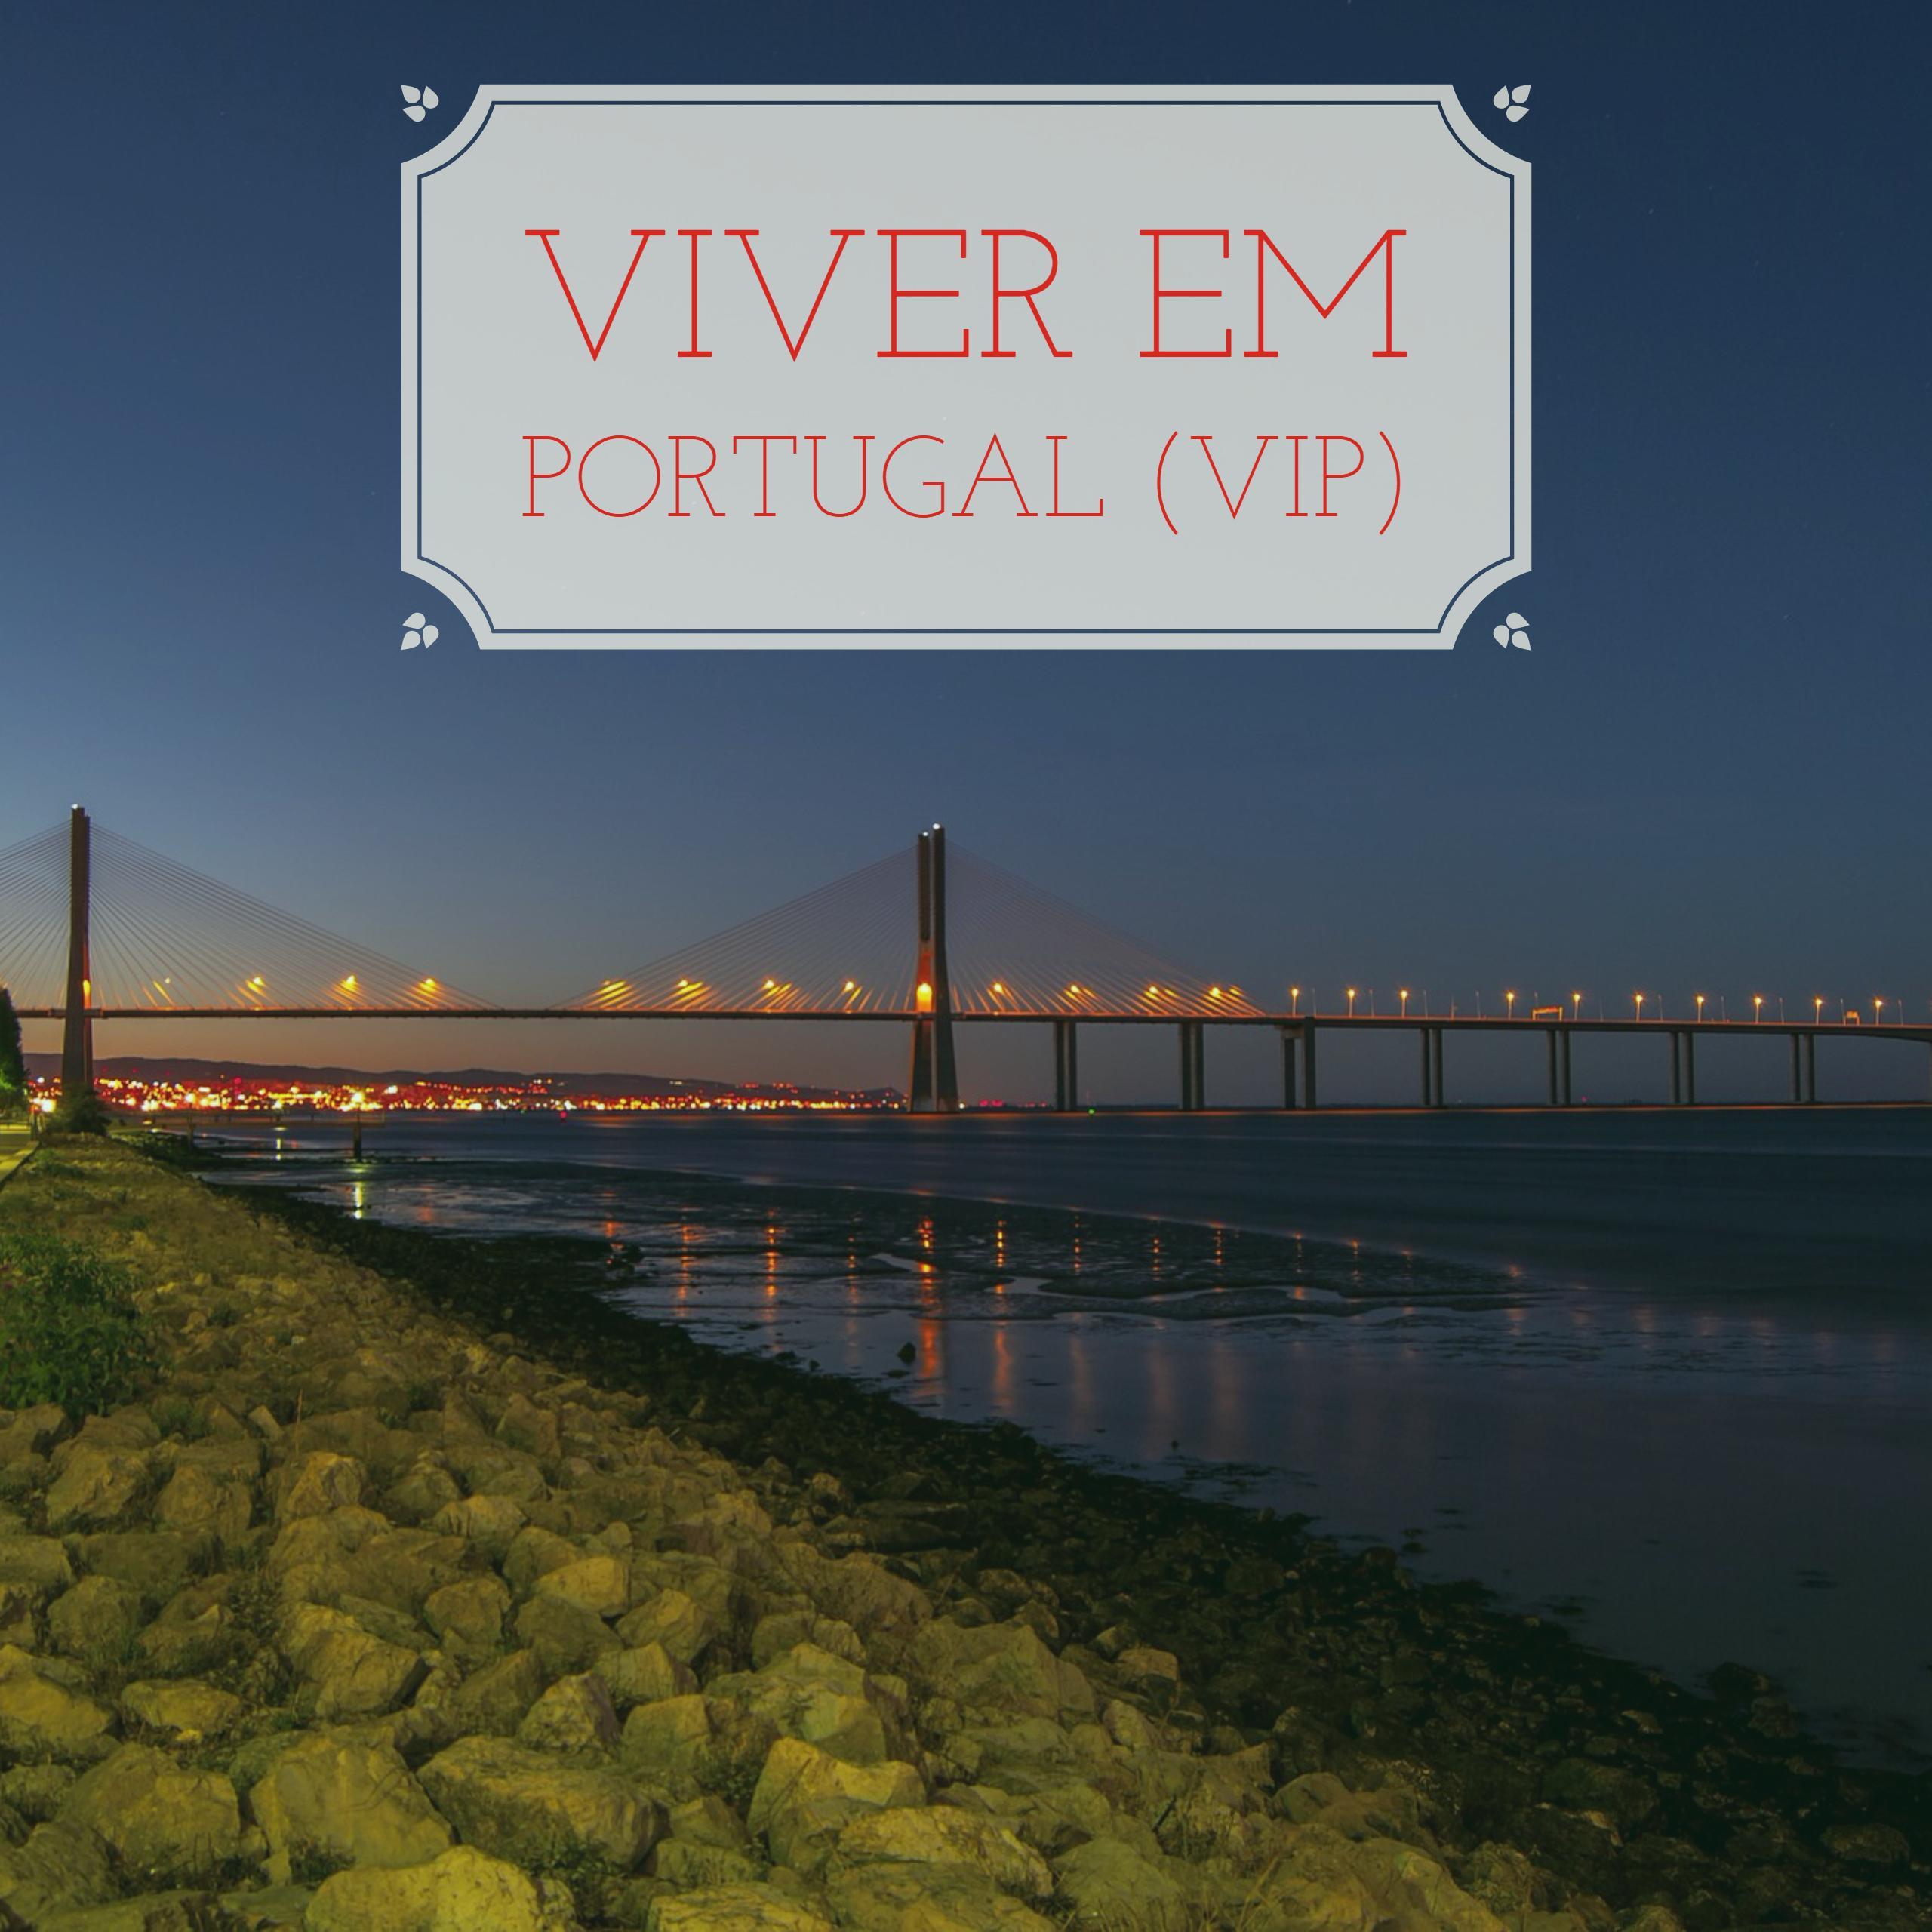 Viver em Portugal (VIP) – Piqueniques e Atividades LX